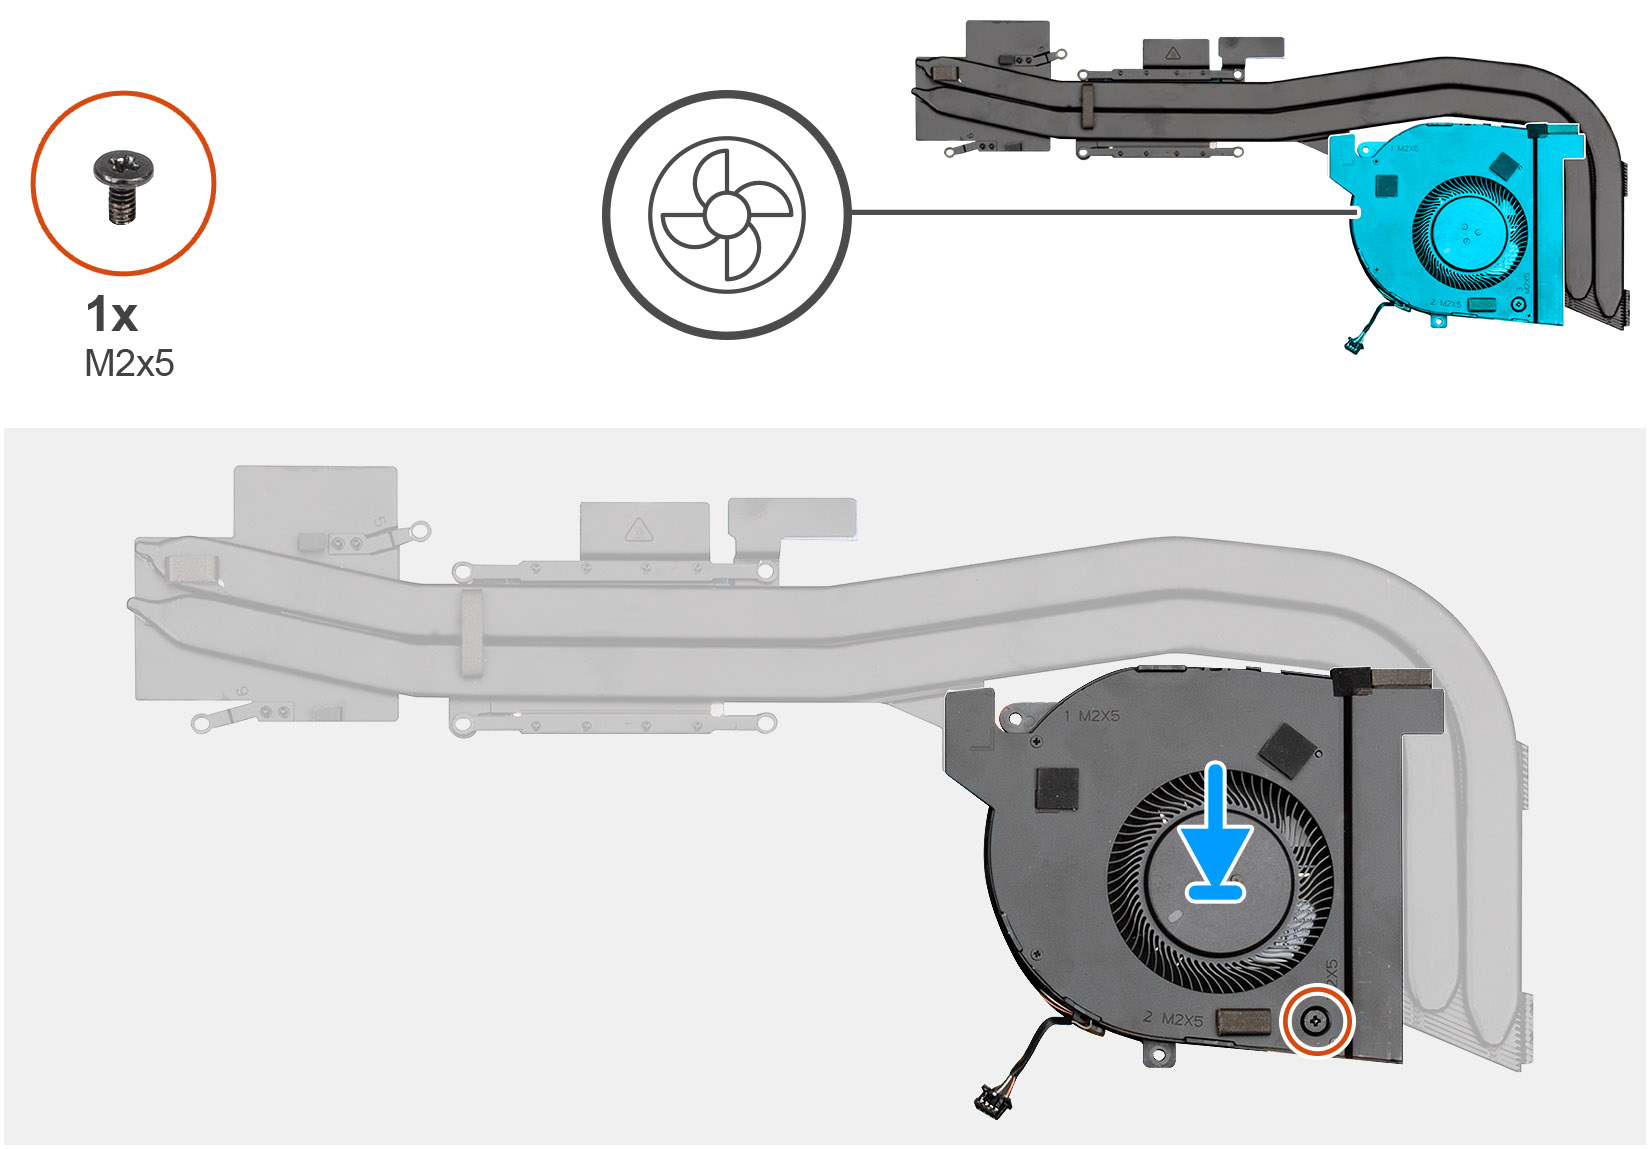 Installing the heatsink fan